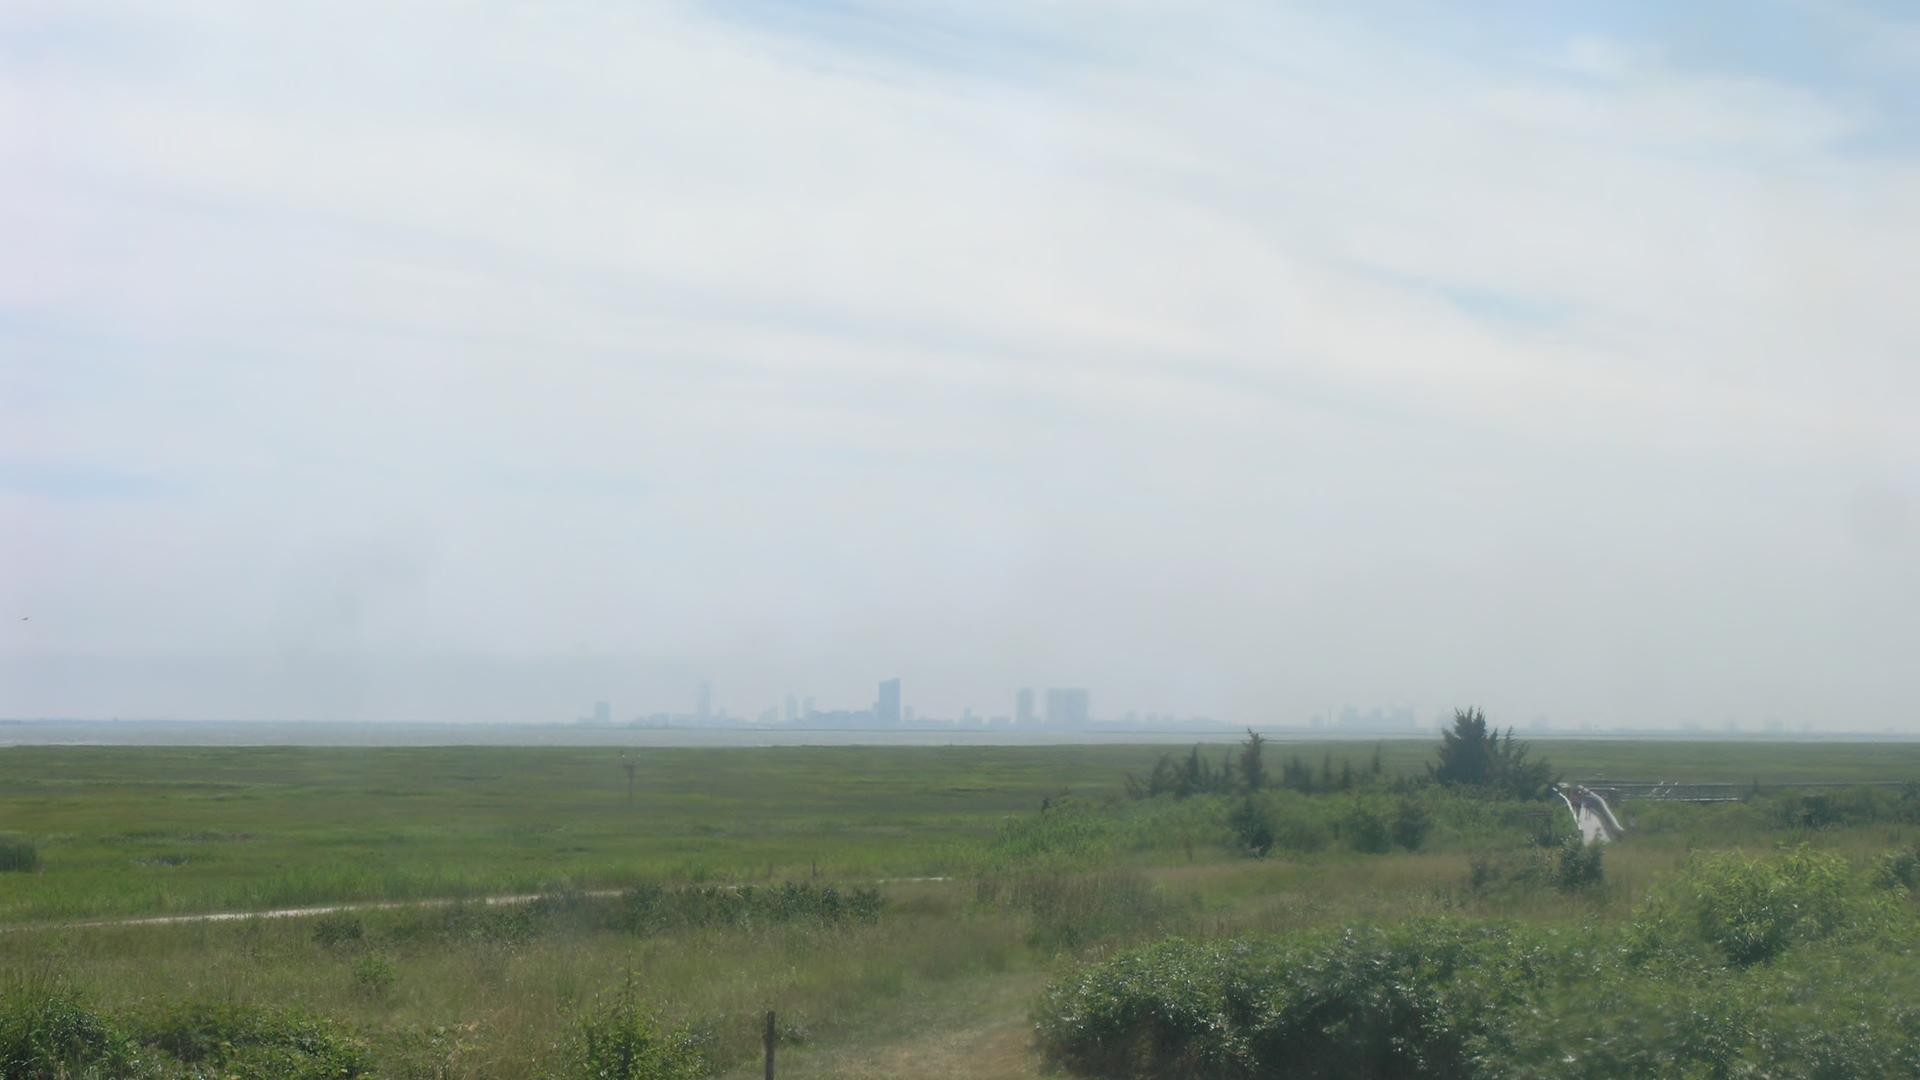 Webcam Oceanville: Brigantine, Southeast View